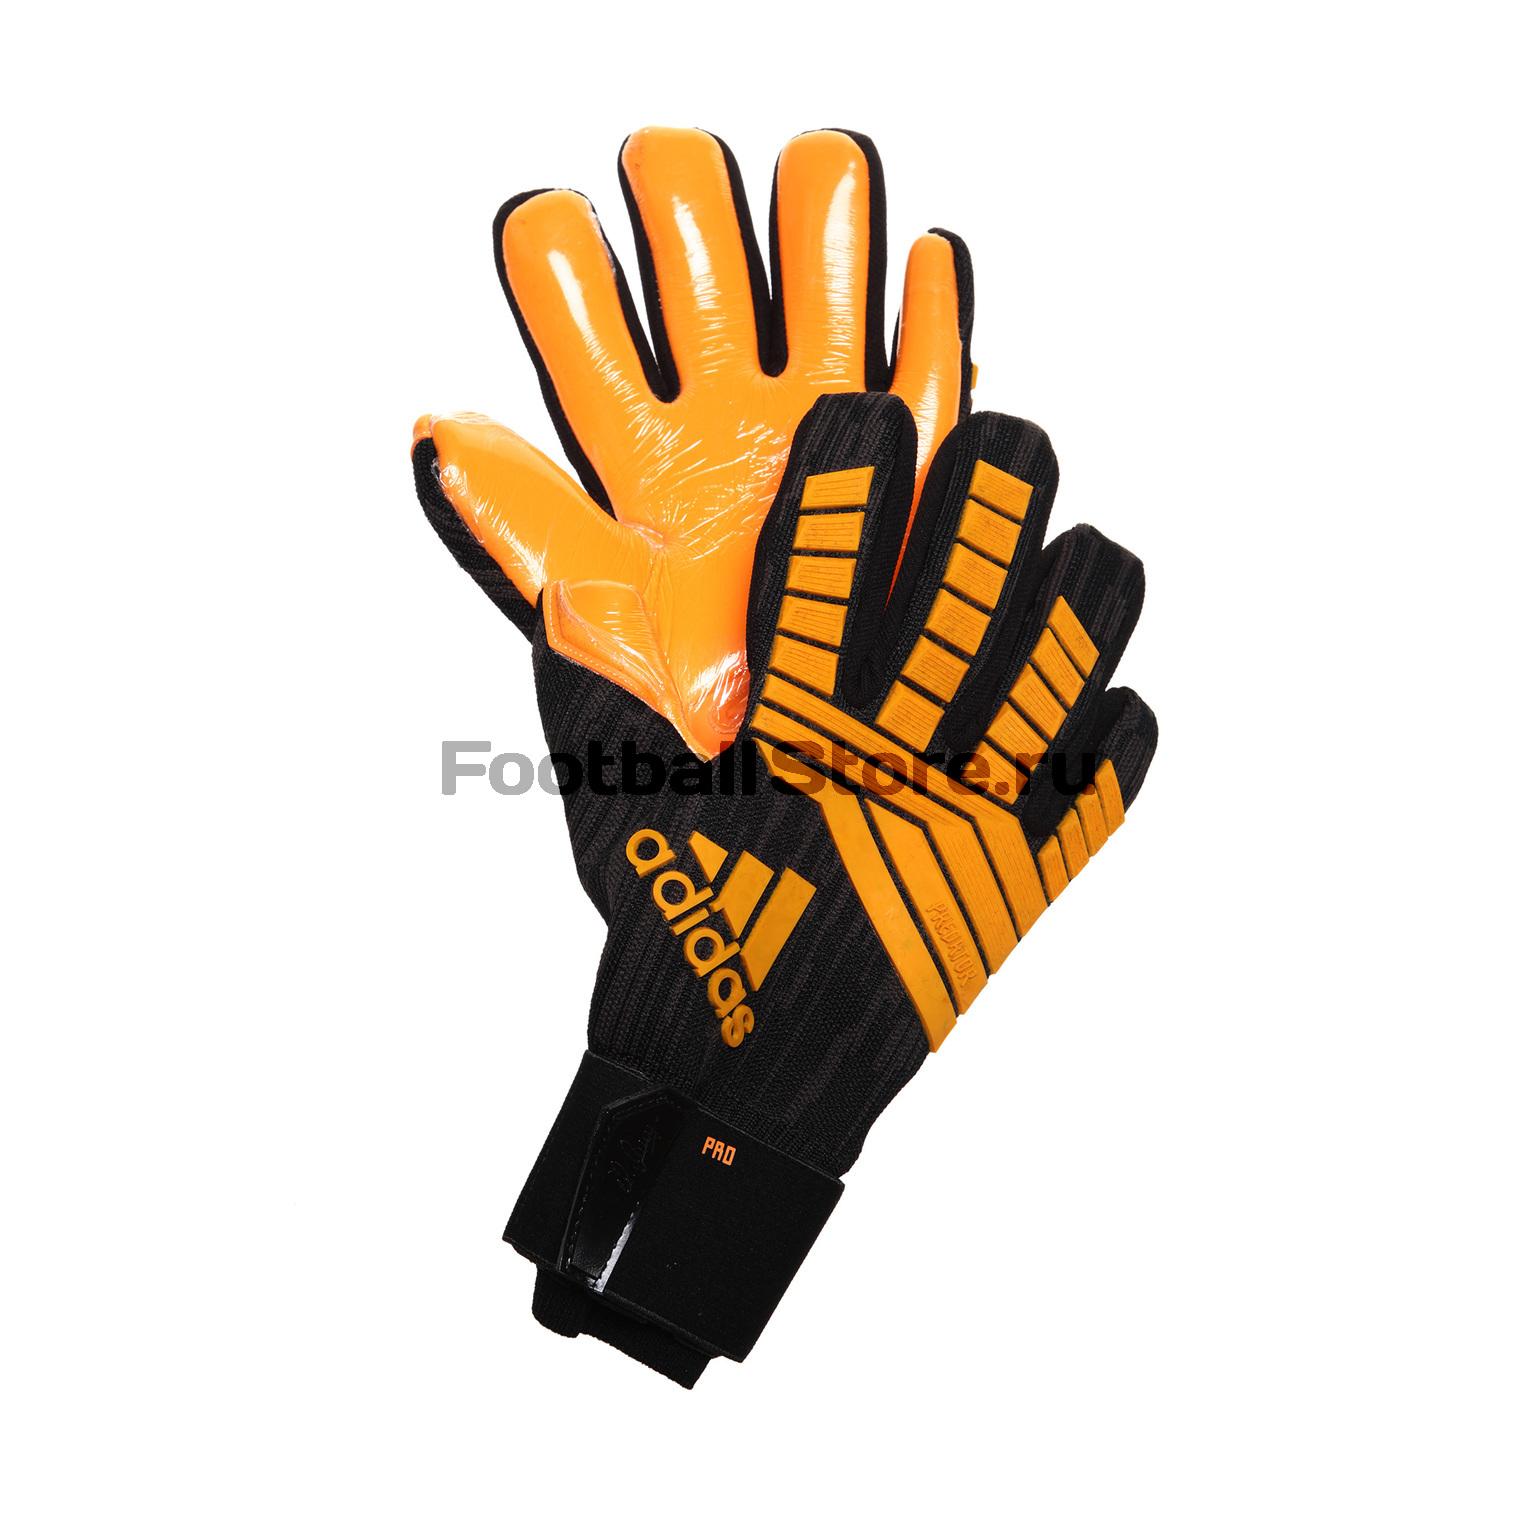 Перчатки вратарские Adidas Predator Lew Jaschin (Лев Яшин) CE4933 adidas predator junior gk glove